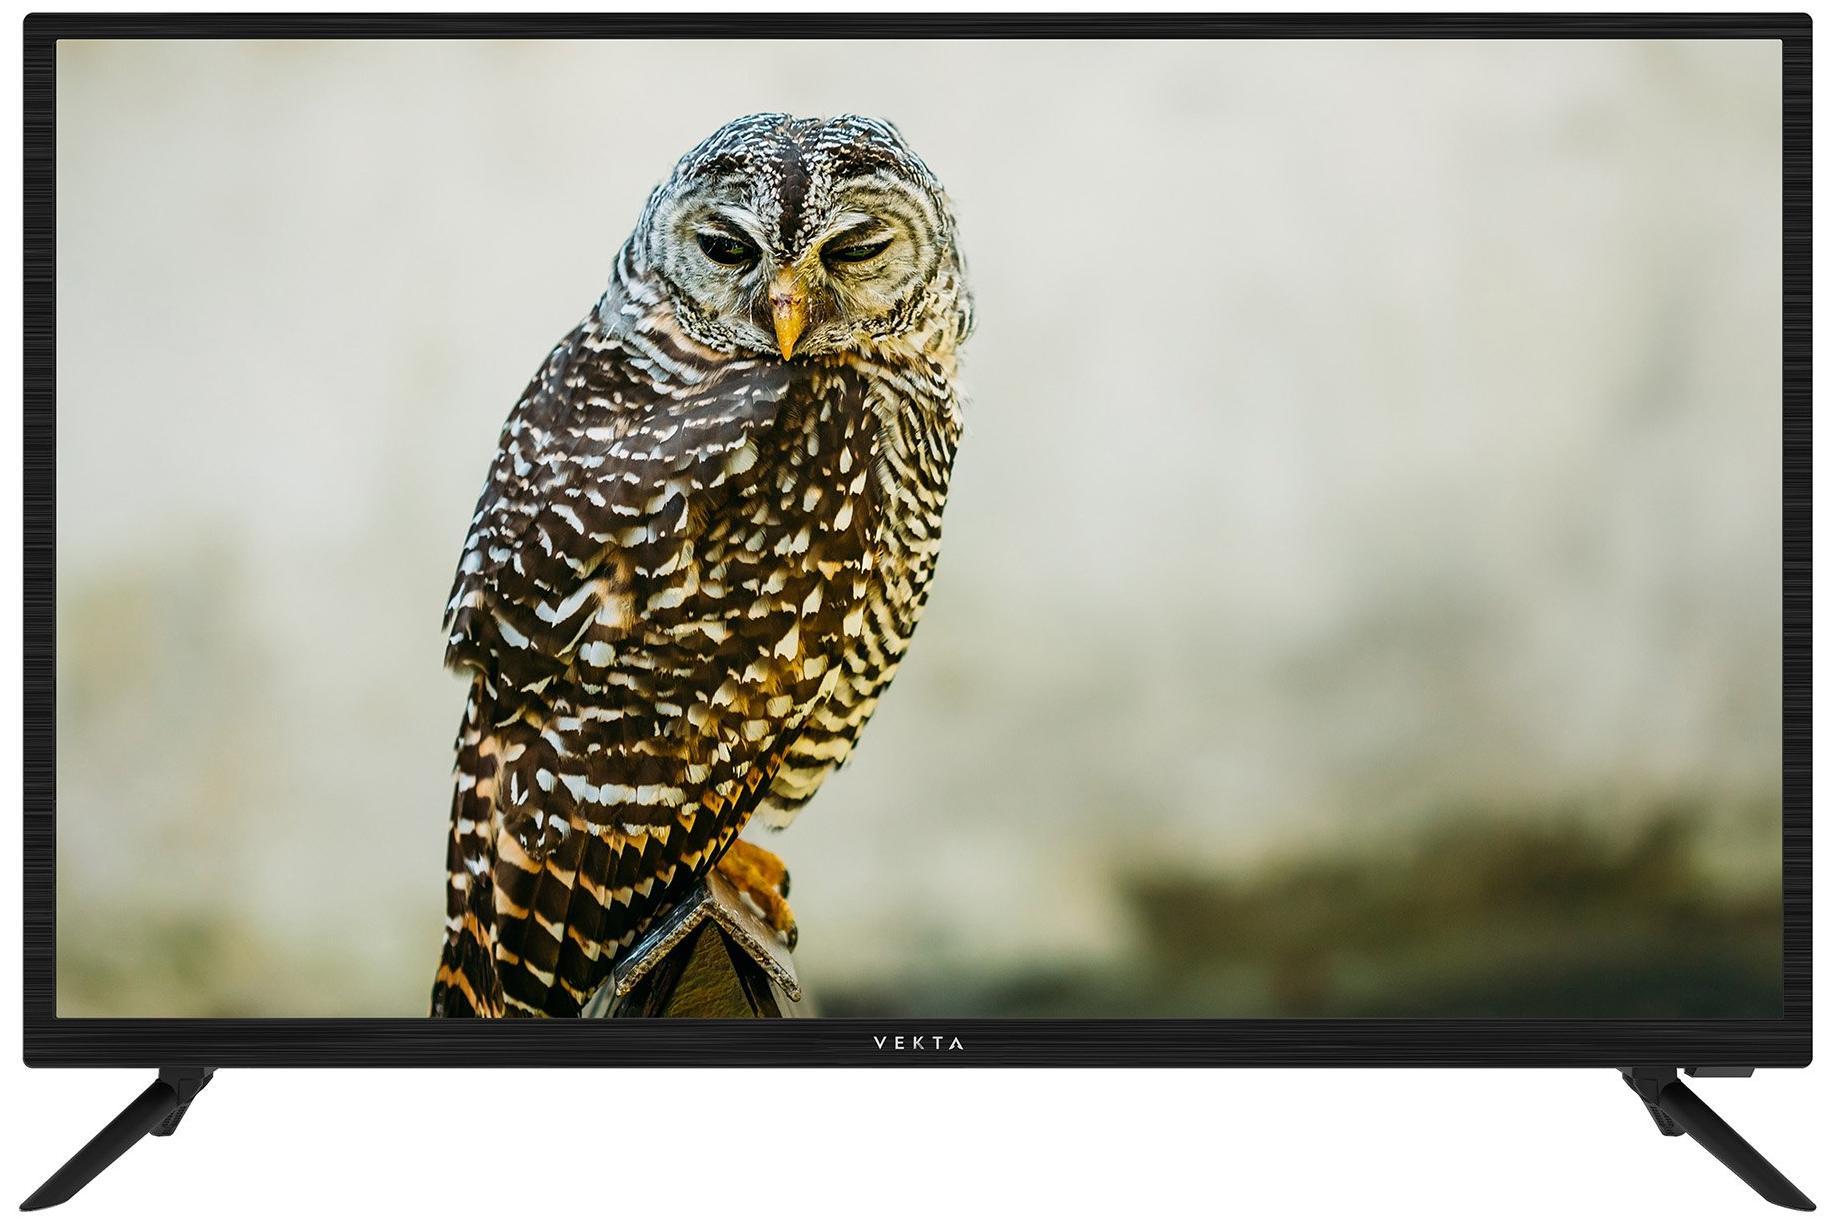 Телевизор Vekta LD 32SR4231BT